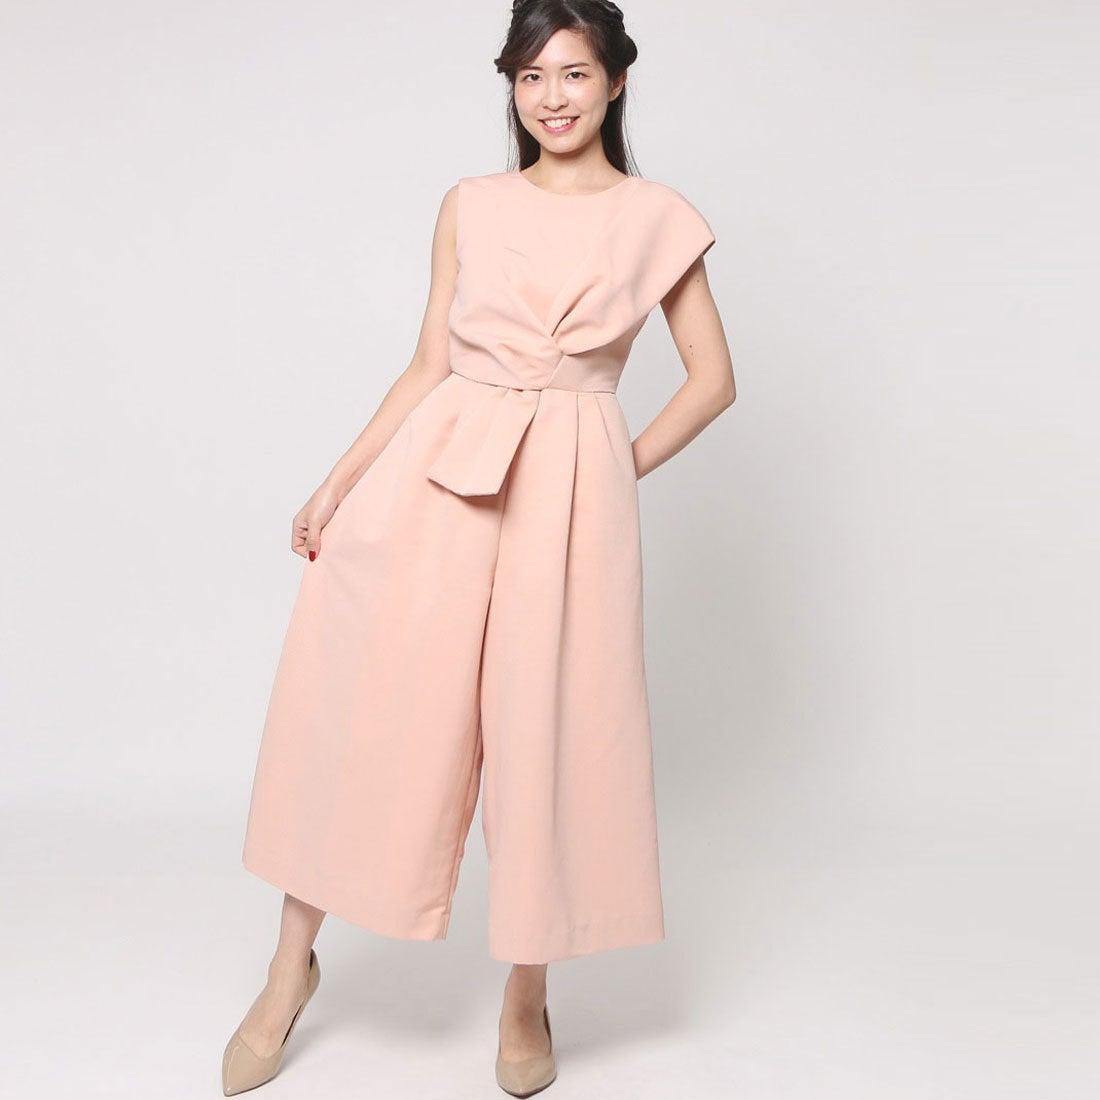 ラグナムーン LAGUNAMOON Ladyフォルムリボン クロップドパンツドレス (ピンク) ,靴&ファッション通販 ロコンド〜自宅で試着、気軽に返品